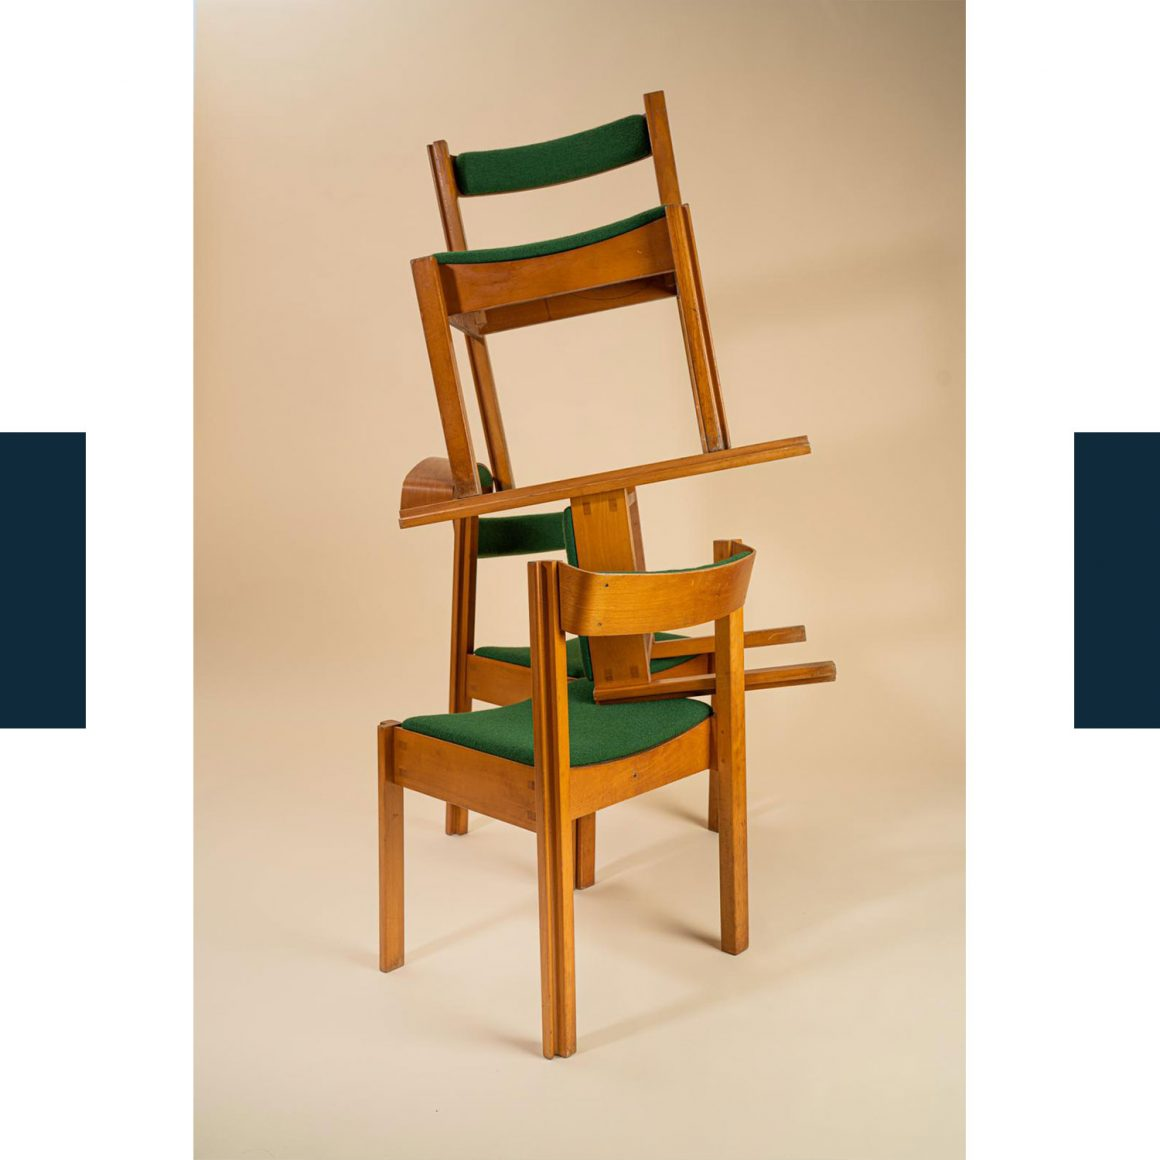 Les 4 chaises design chinées par David Lucas sur le Bon Coin